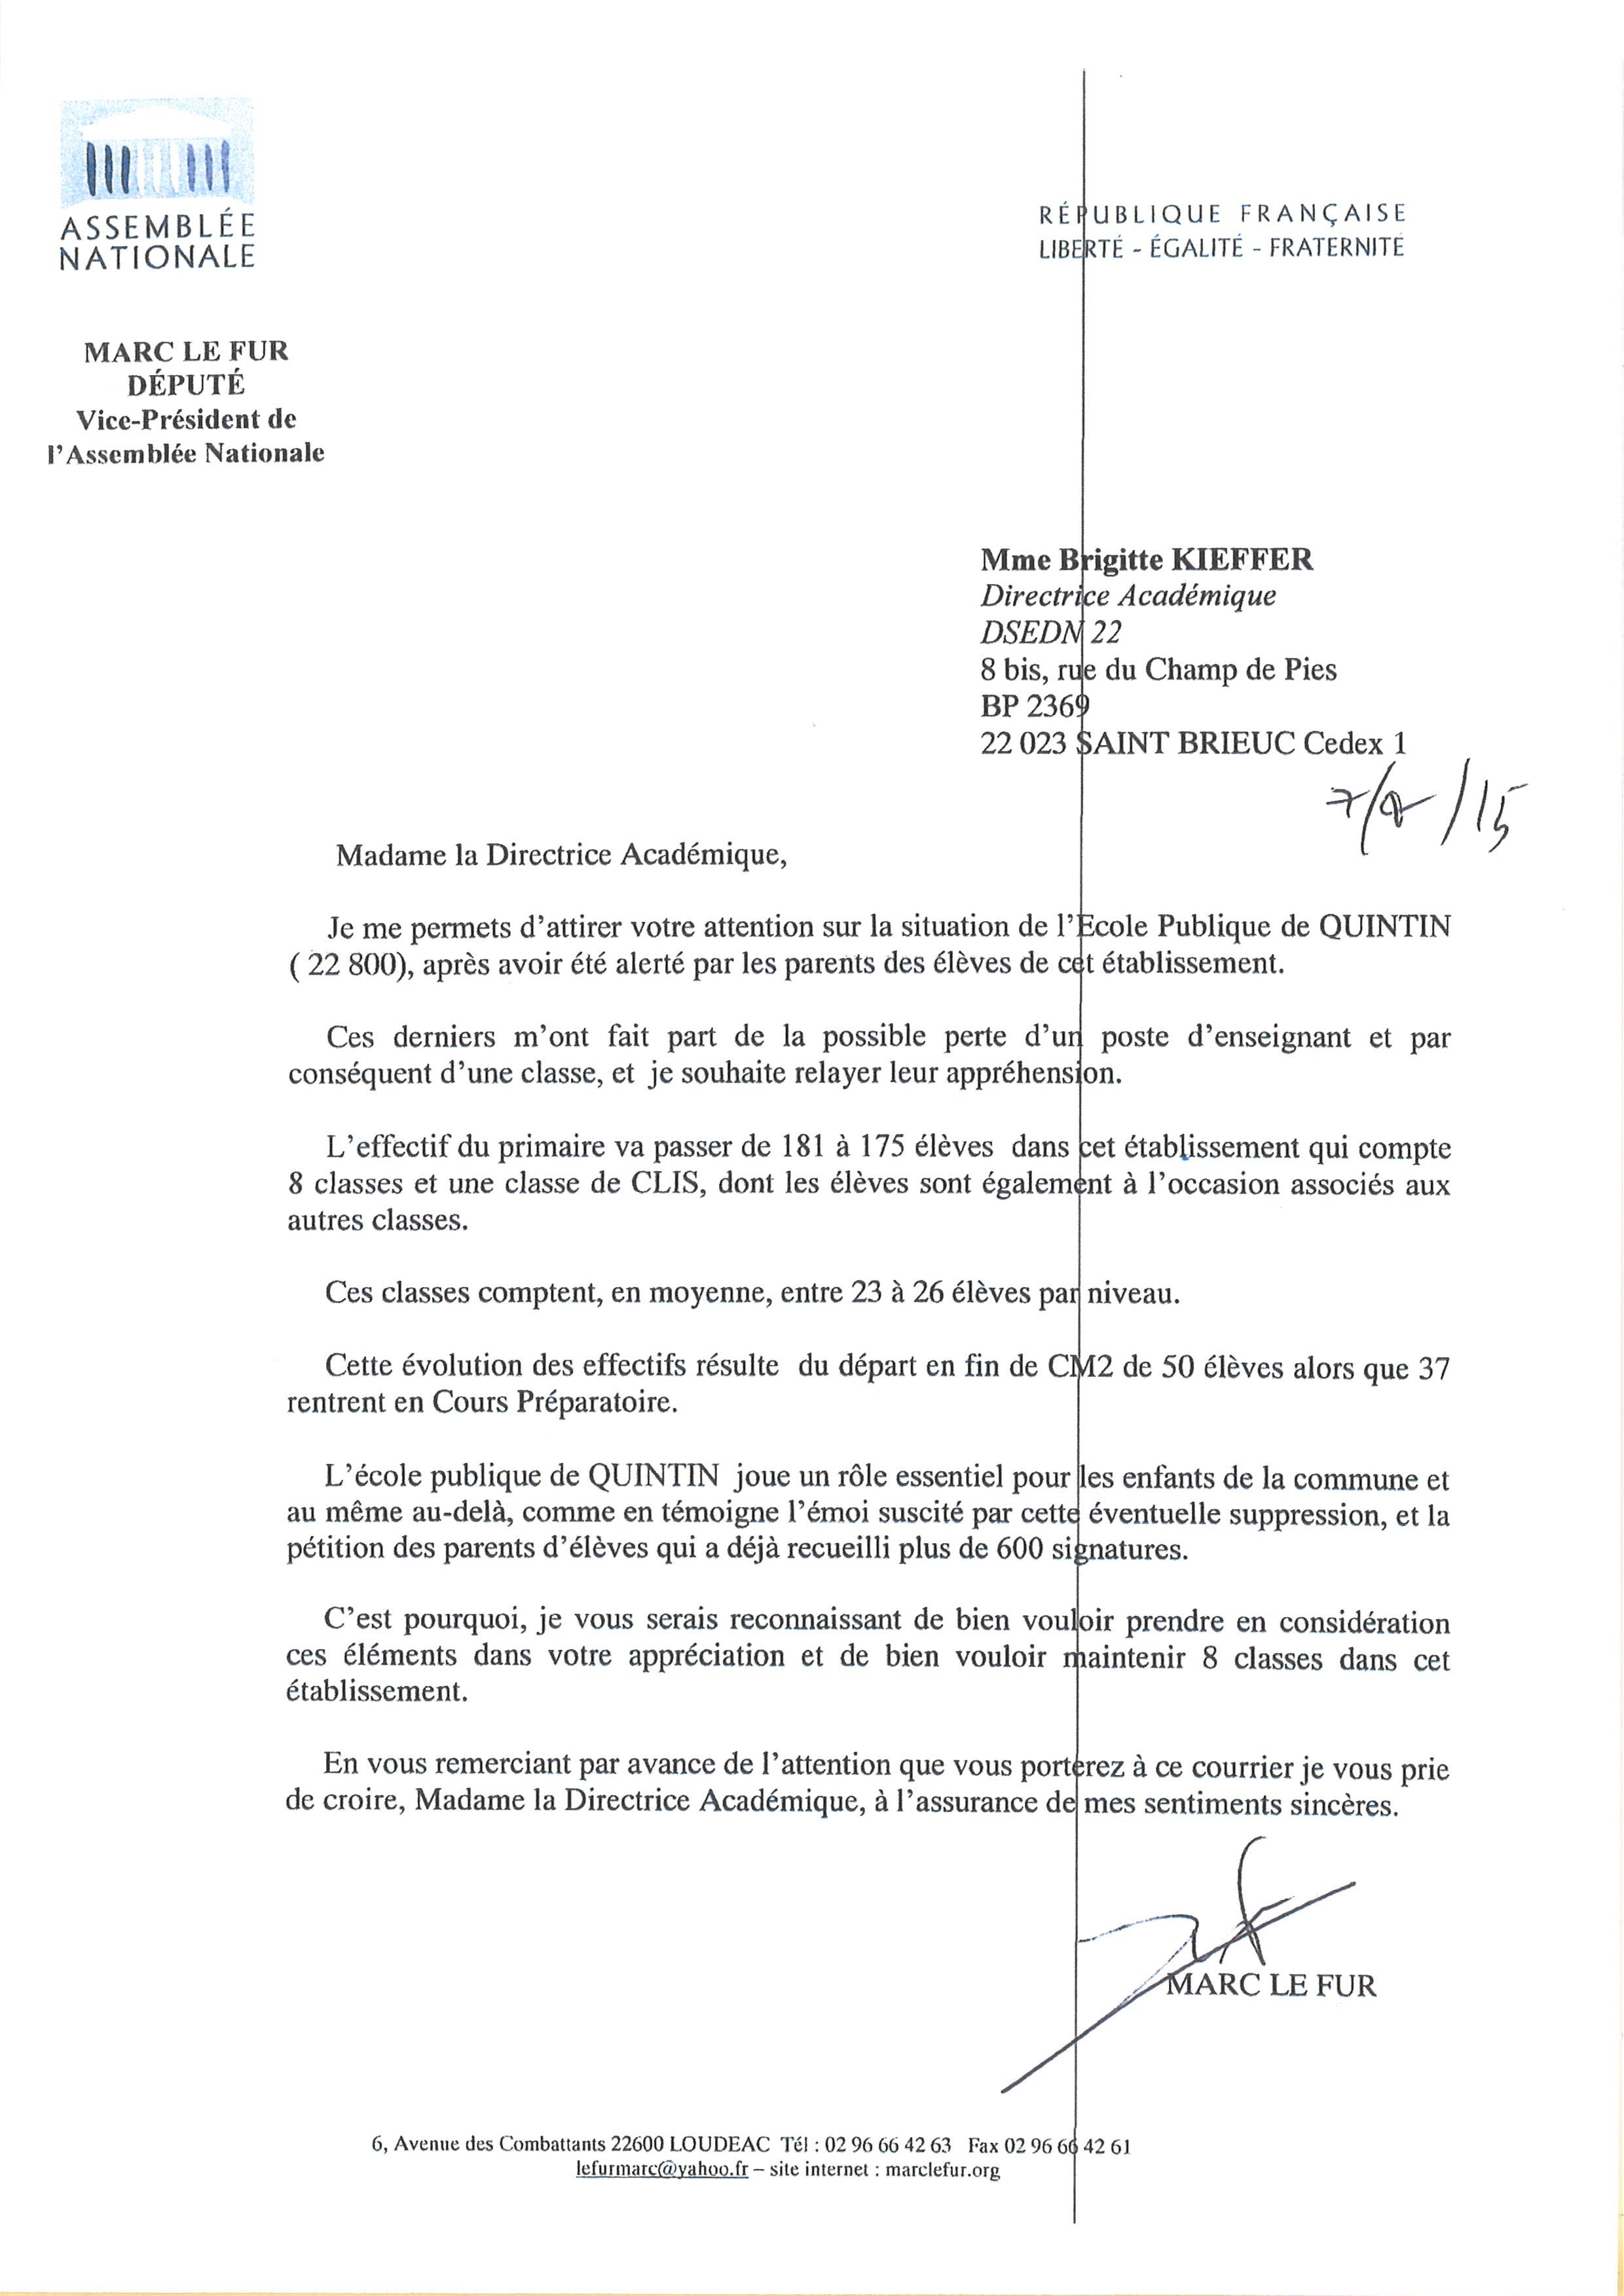 modele lettre inspecteur d u0026 39 academie